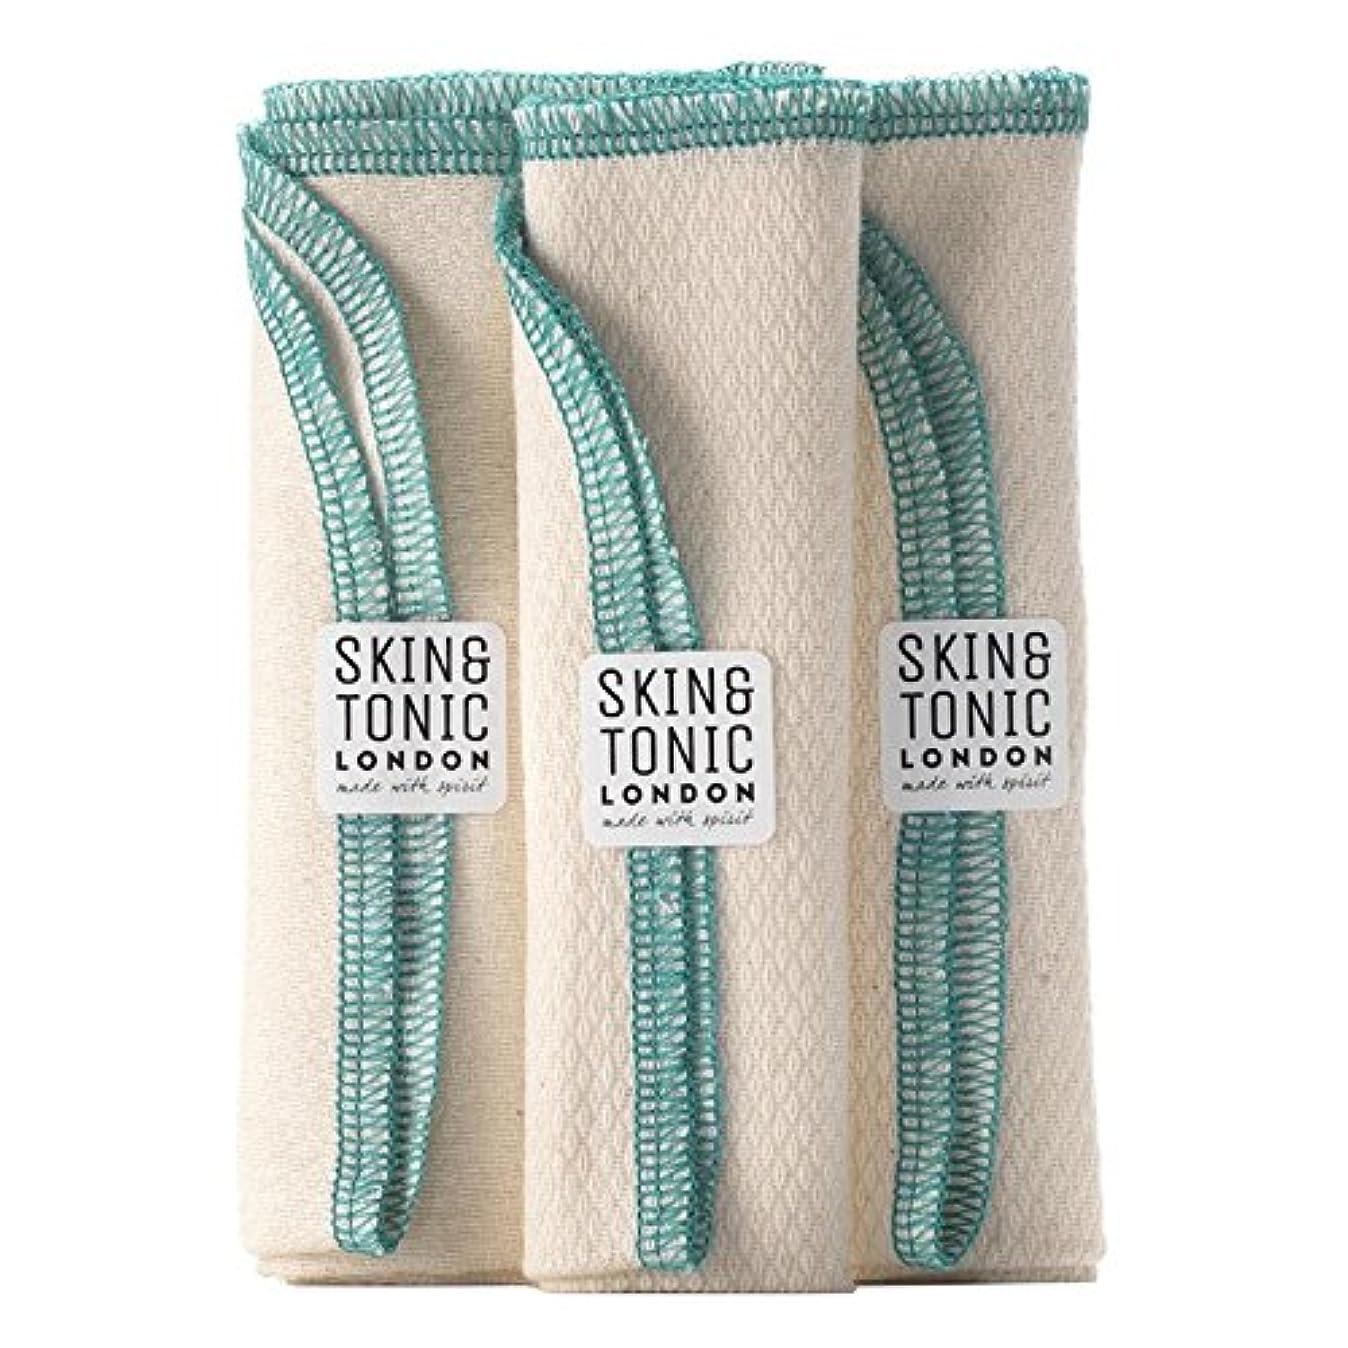 リンケージ密度横たわるスキン&トニックロンドンオーガニックコットン生地 x2 - Skin & Tonic London Organic Cotton Cloth (Pack of 2) [並行輸入品]